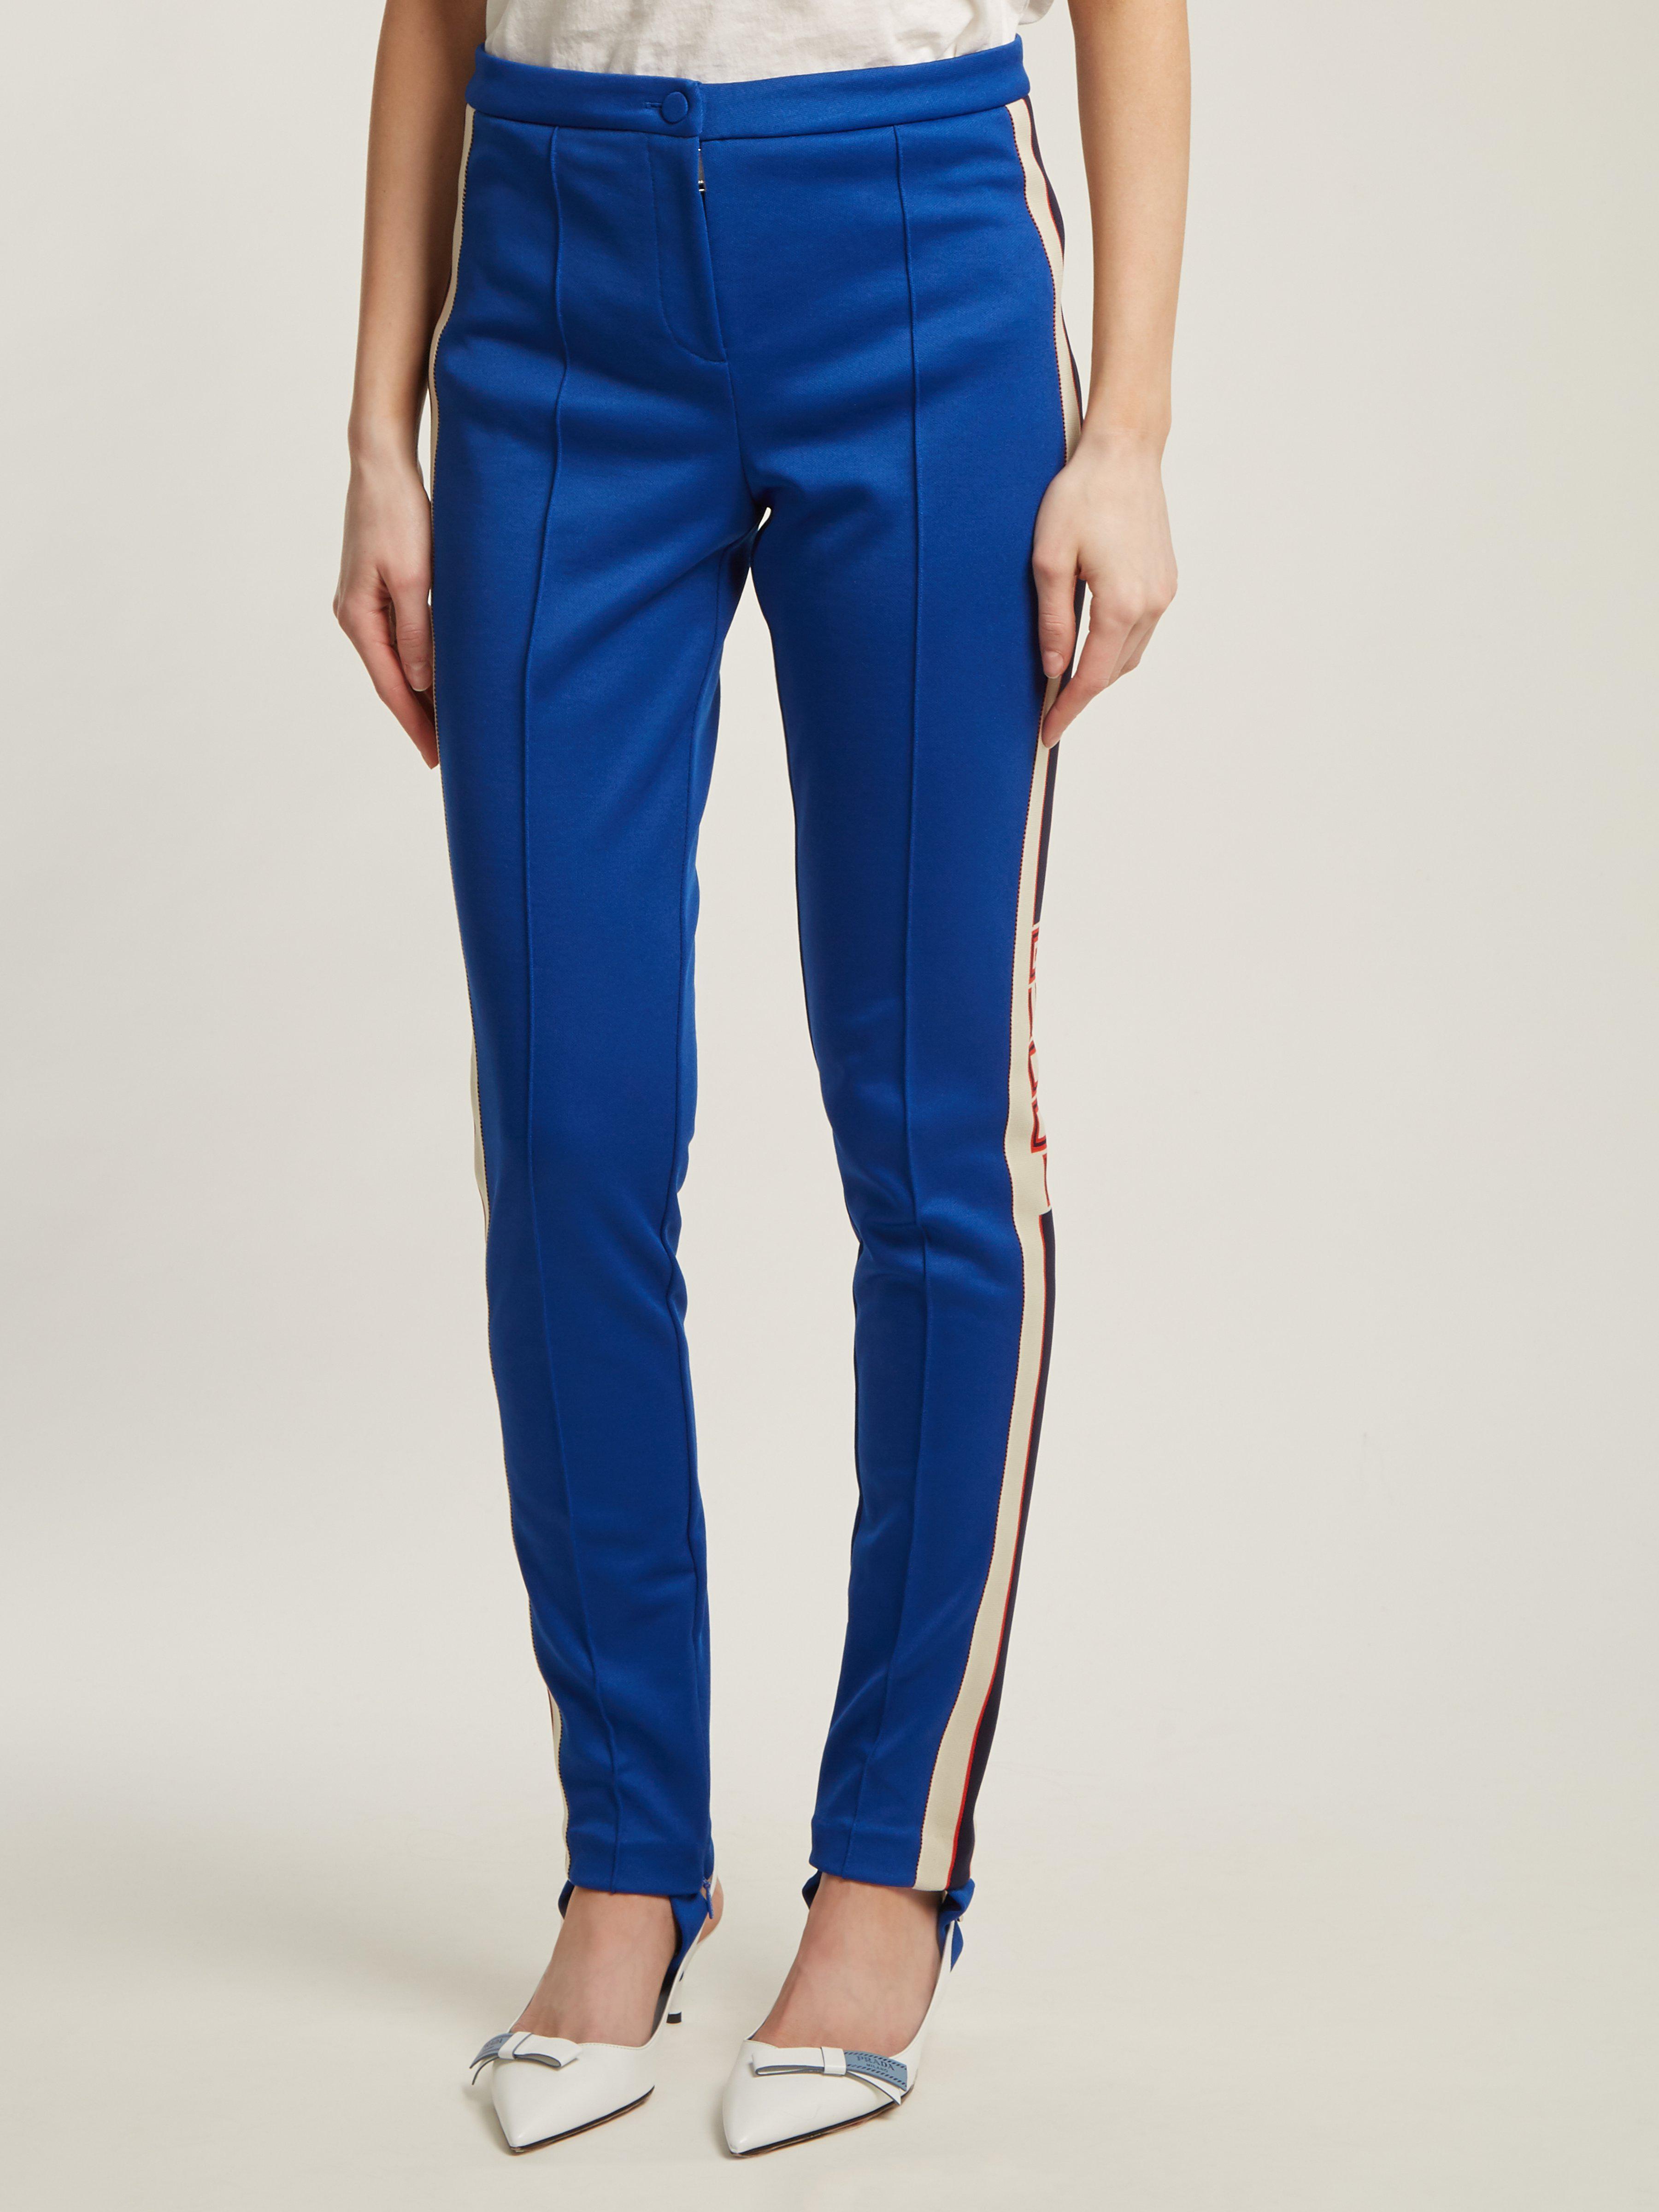 b7905e991bbe Gucci Contrast-stripe Stirrup-hem leggings in Blue - Lyst